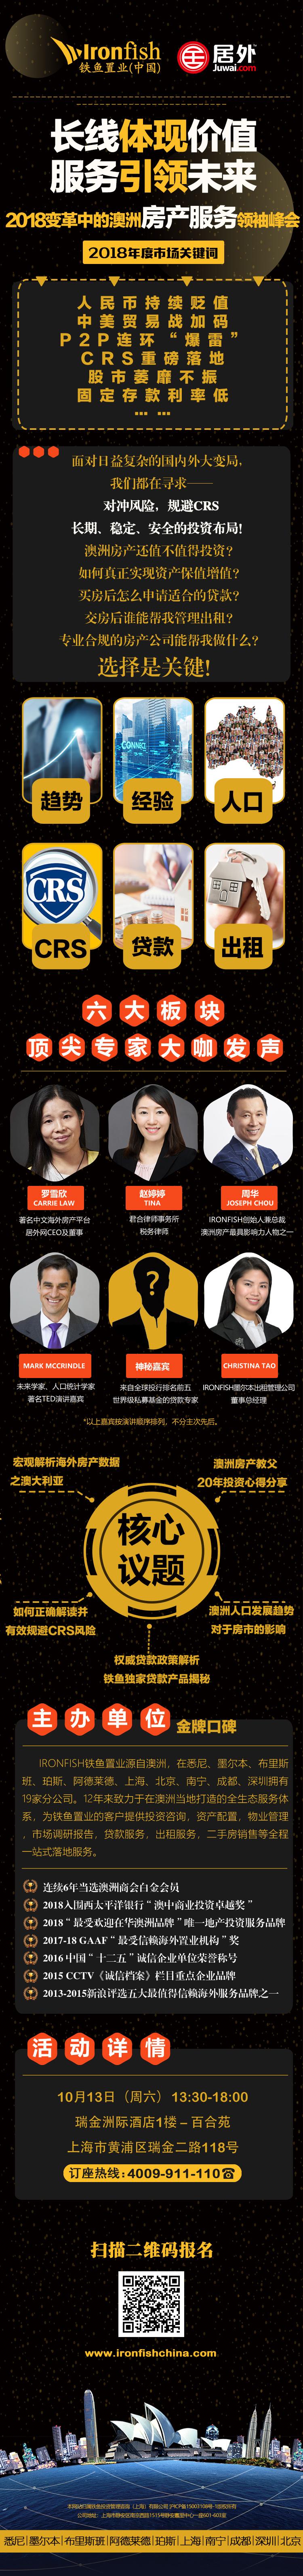 2018澳洲房产服务领袖峰会